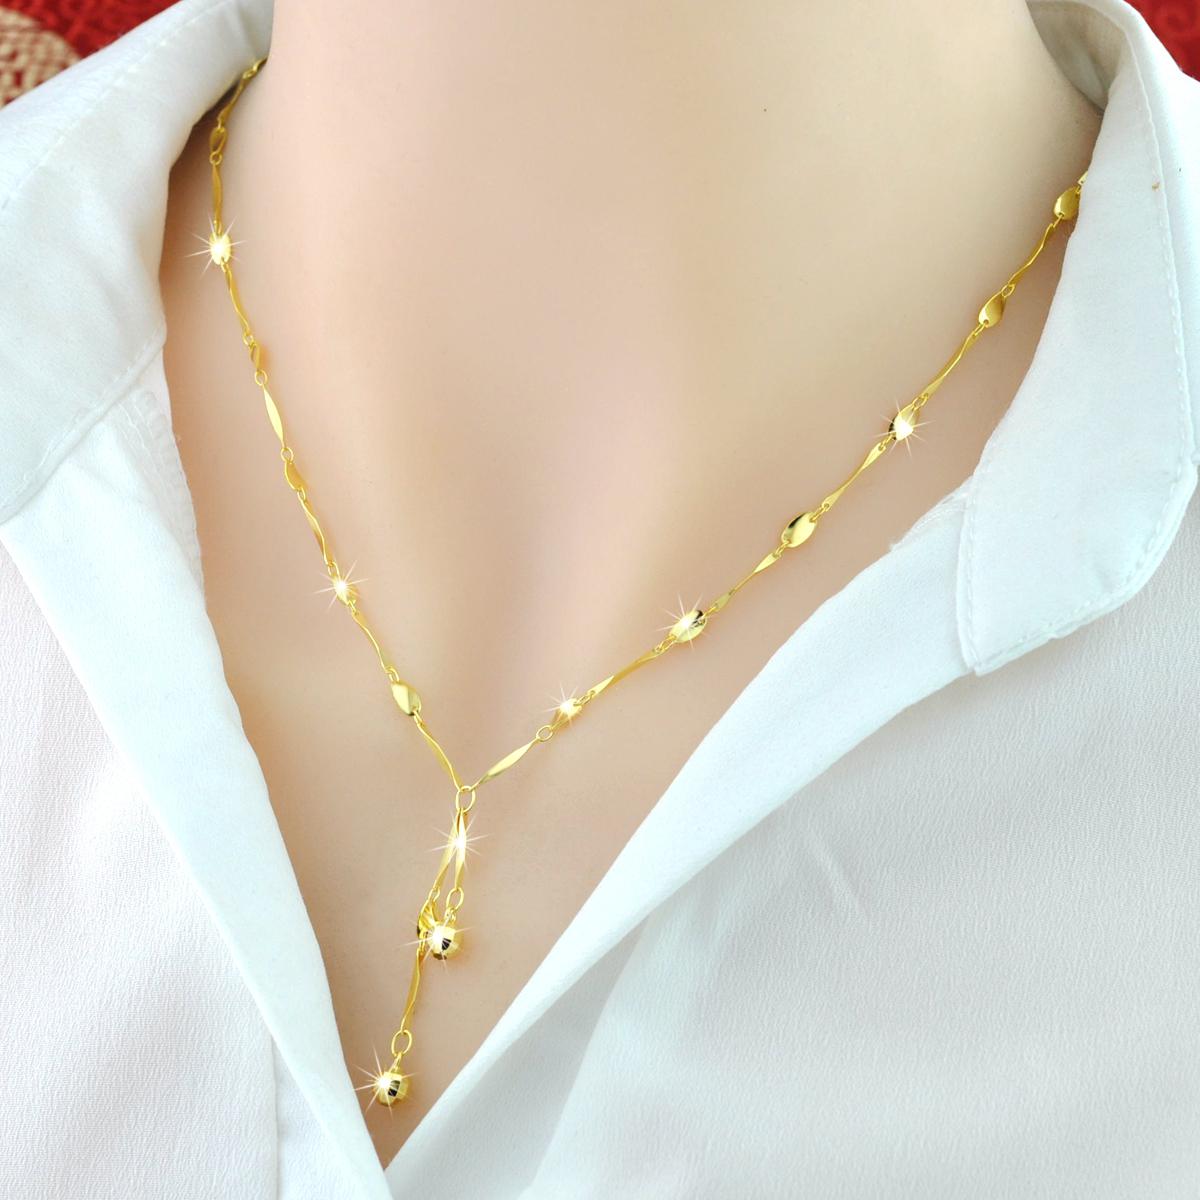 彩银项链女 S925纯银韩版18K彩金项链气质简约韩版银饰学生锁骨链